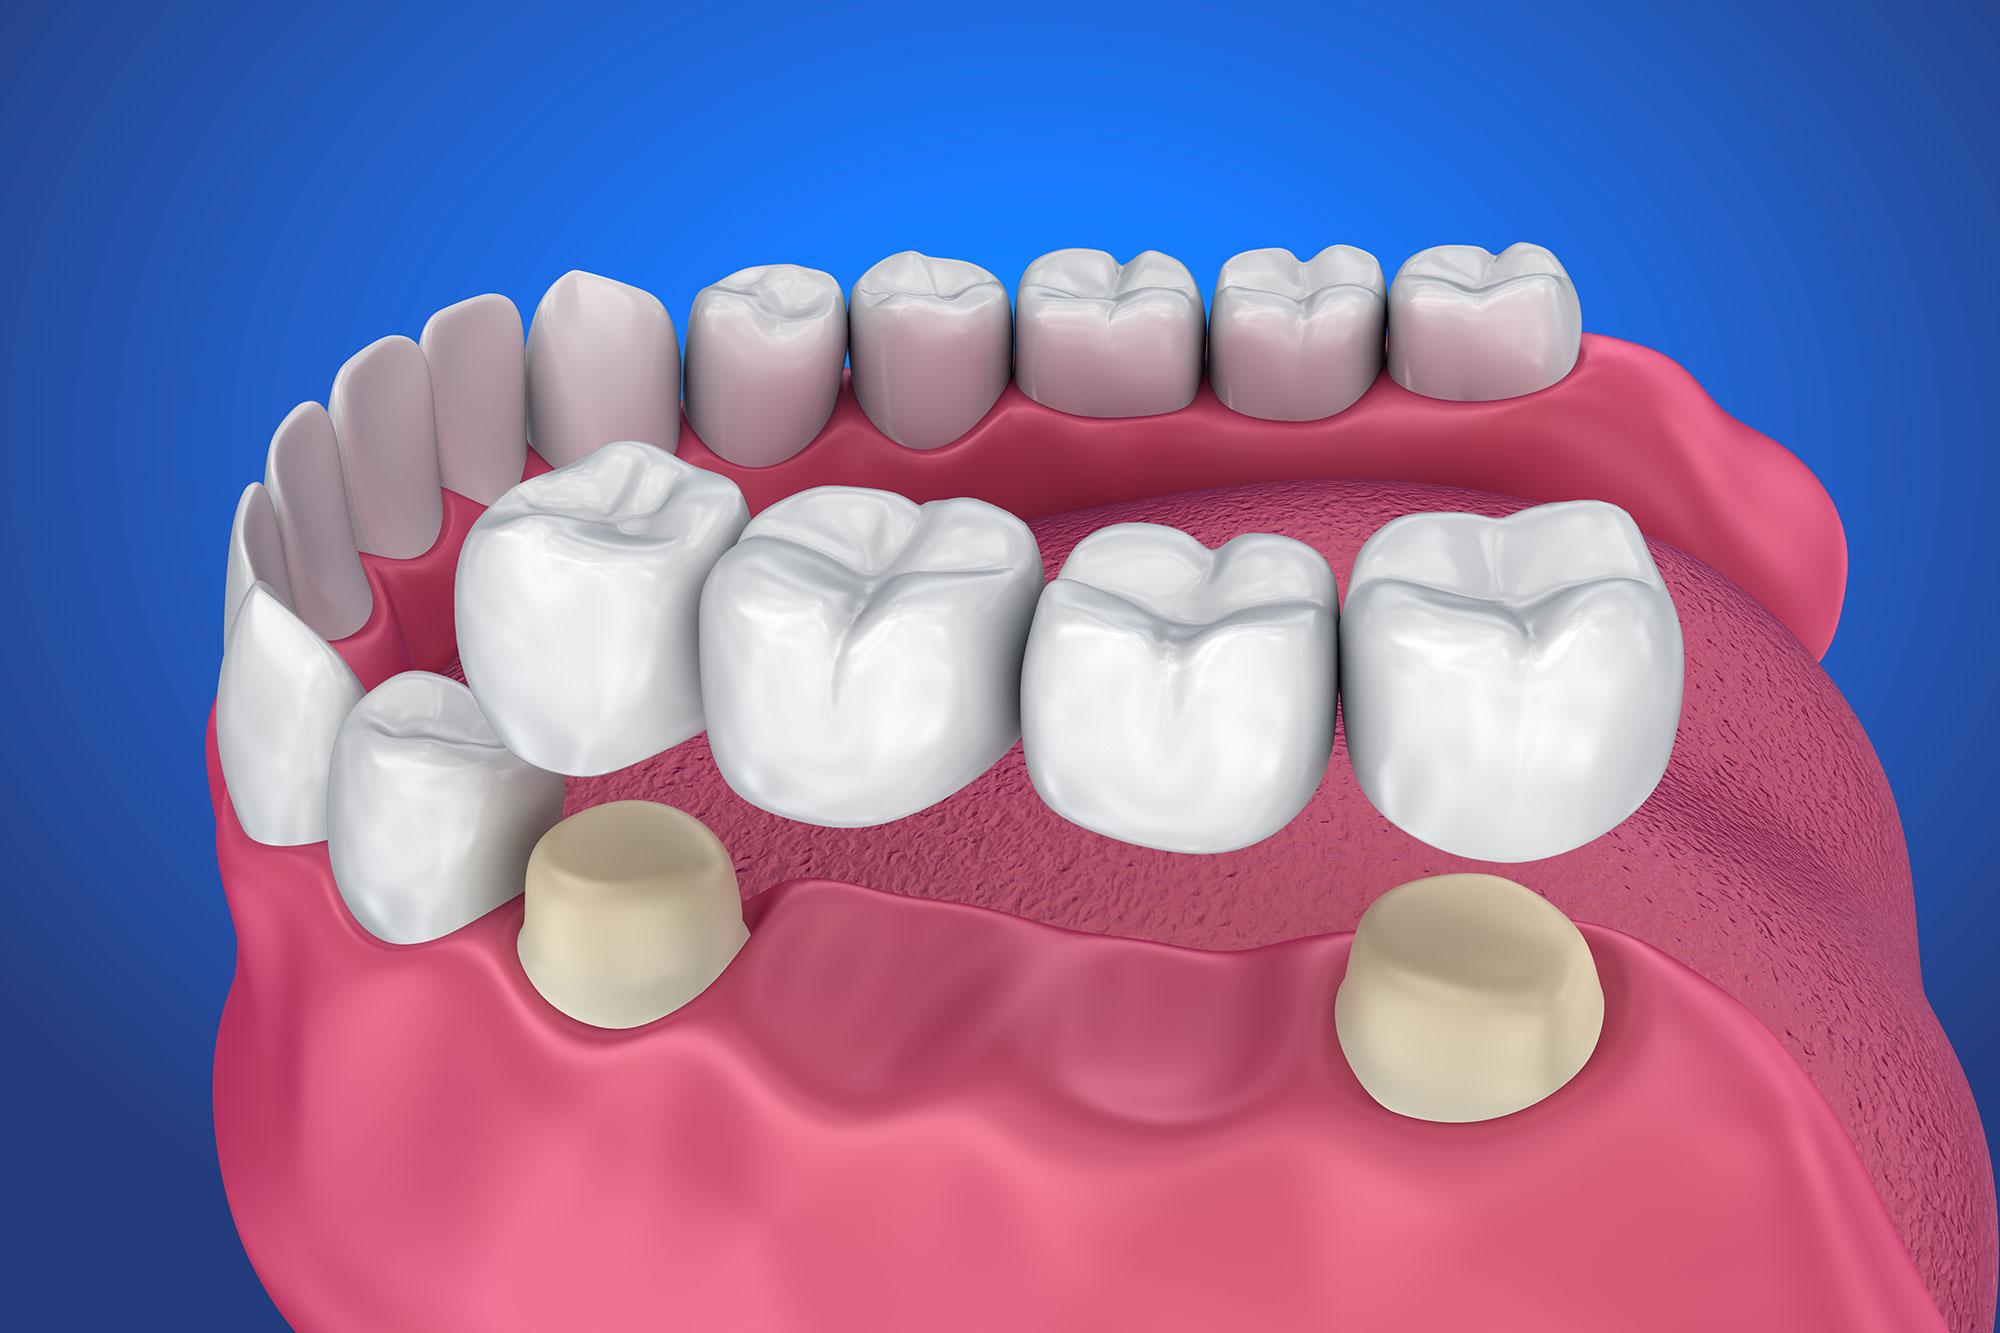 پروتز های ثابت و متکی بر دندان